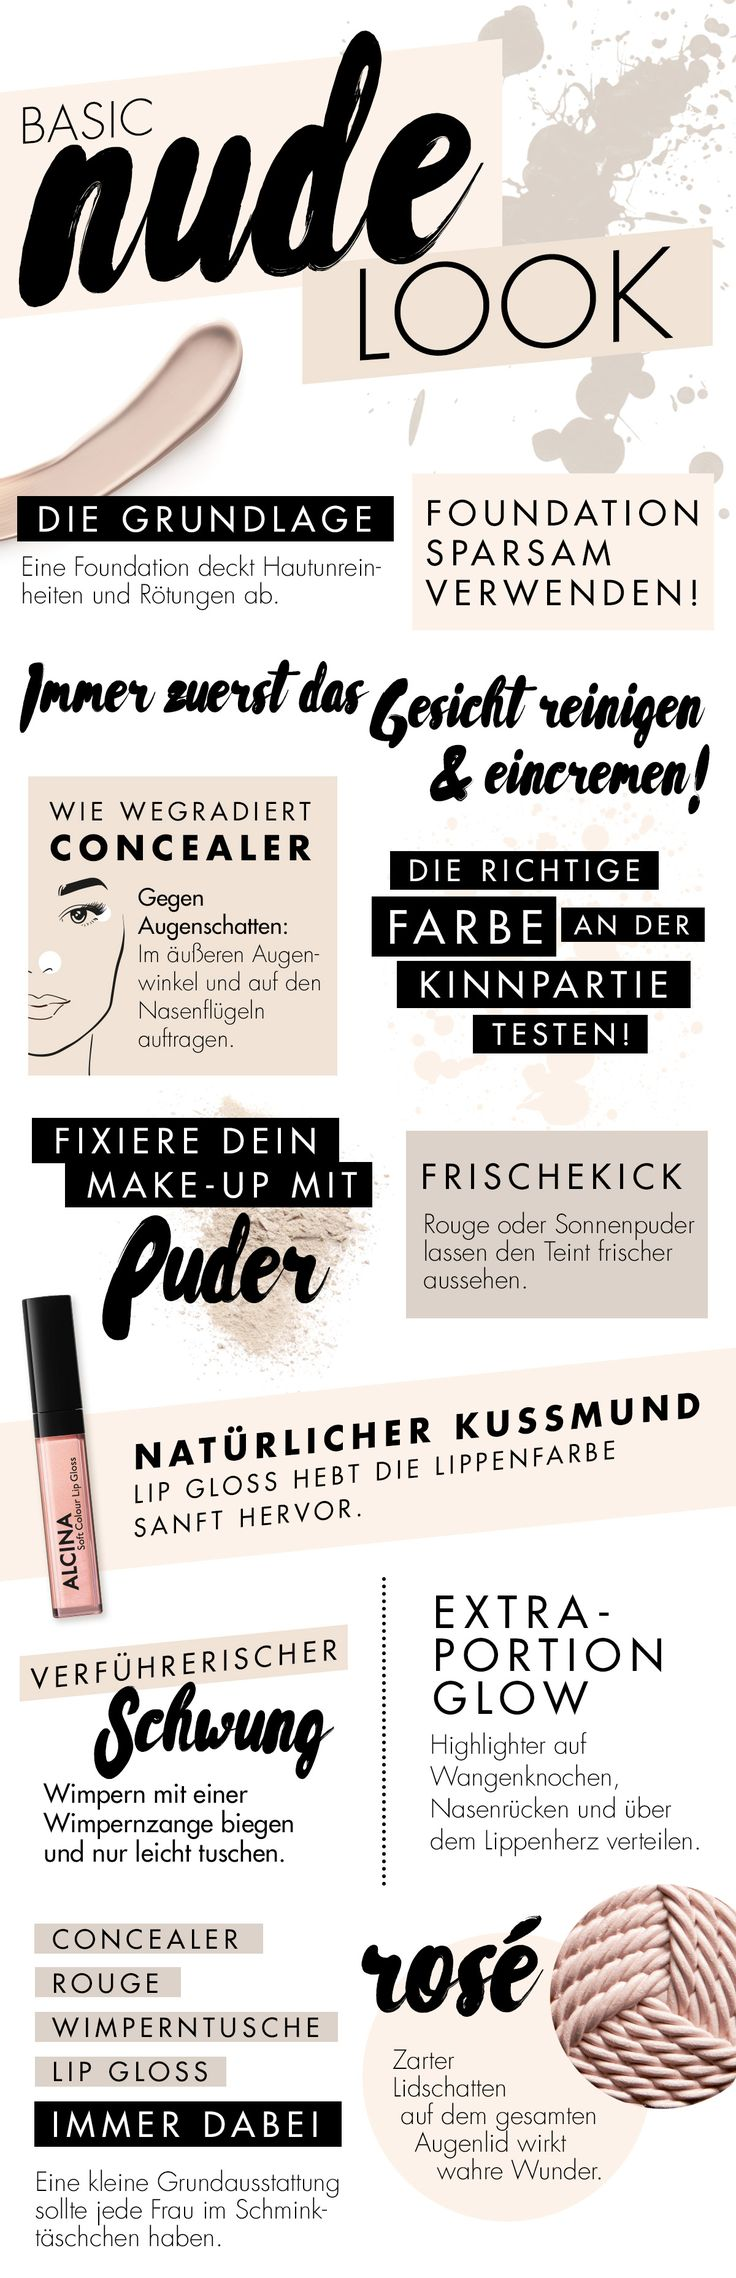 Was darf in eurem Make-up Täschchen nicht fehlen und welche Produkte benötigt man für den Nude Make-up Look? Wir zeigen euch unsere Schminklieblinge für ein Nude-Make-up